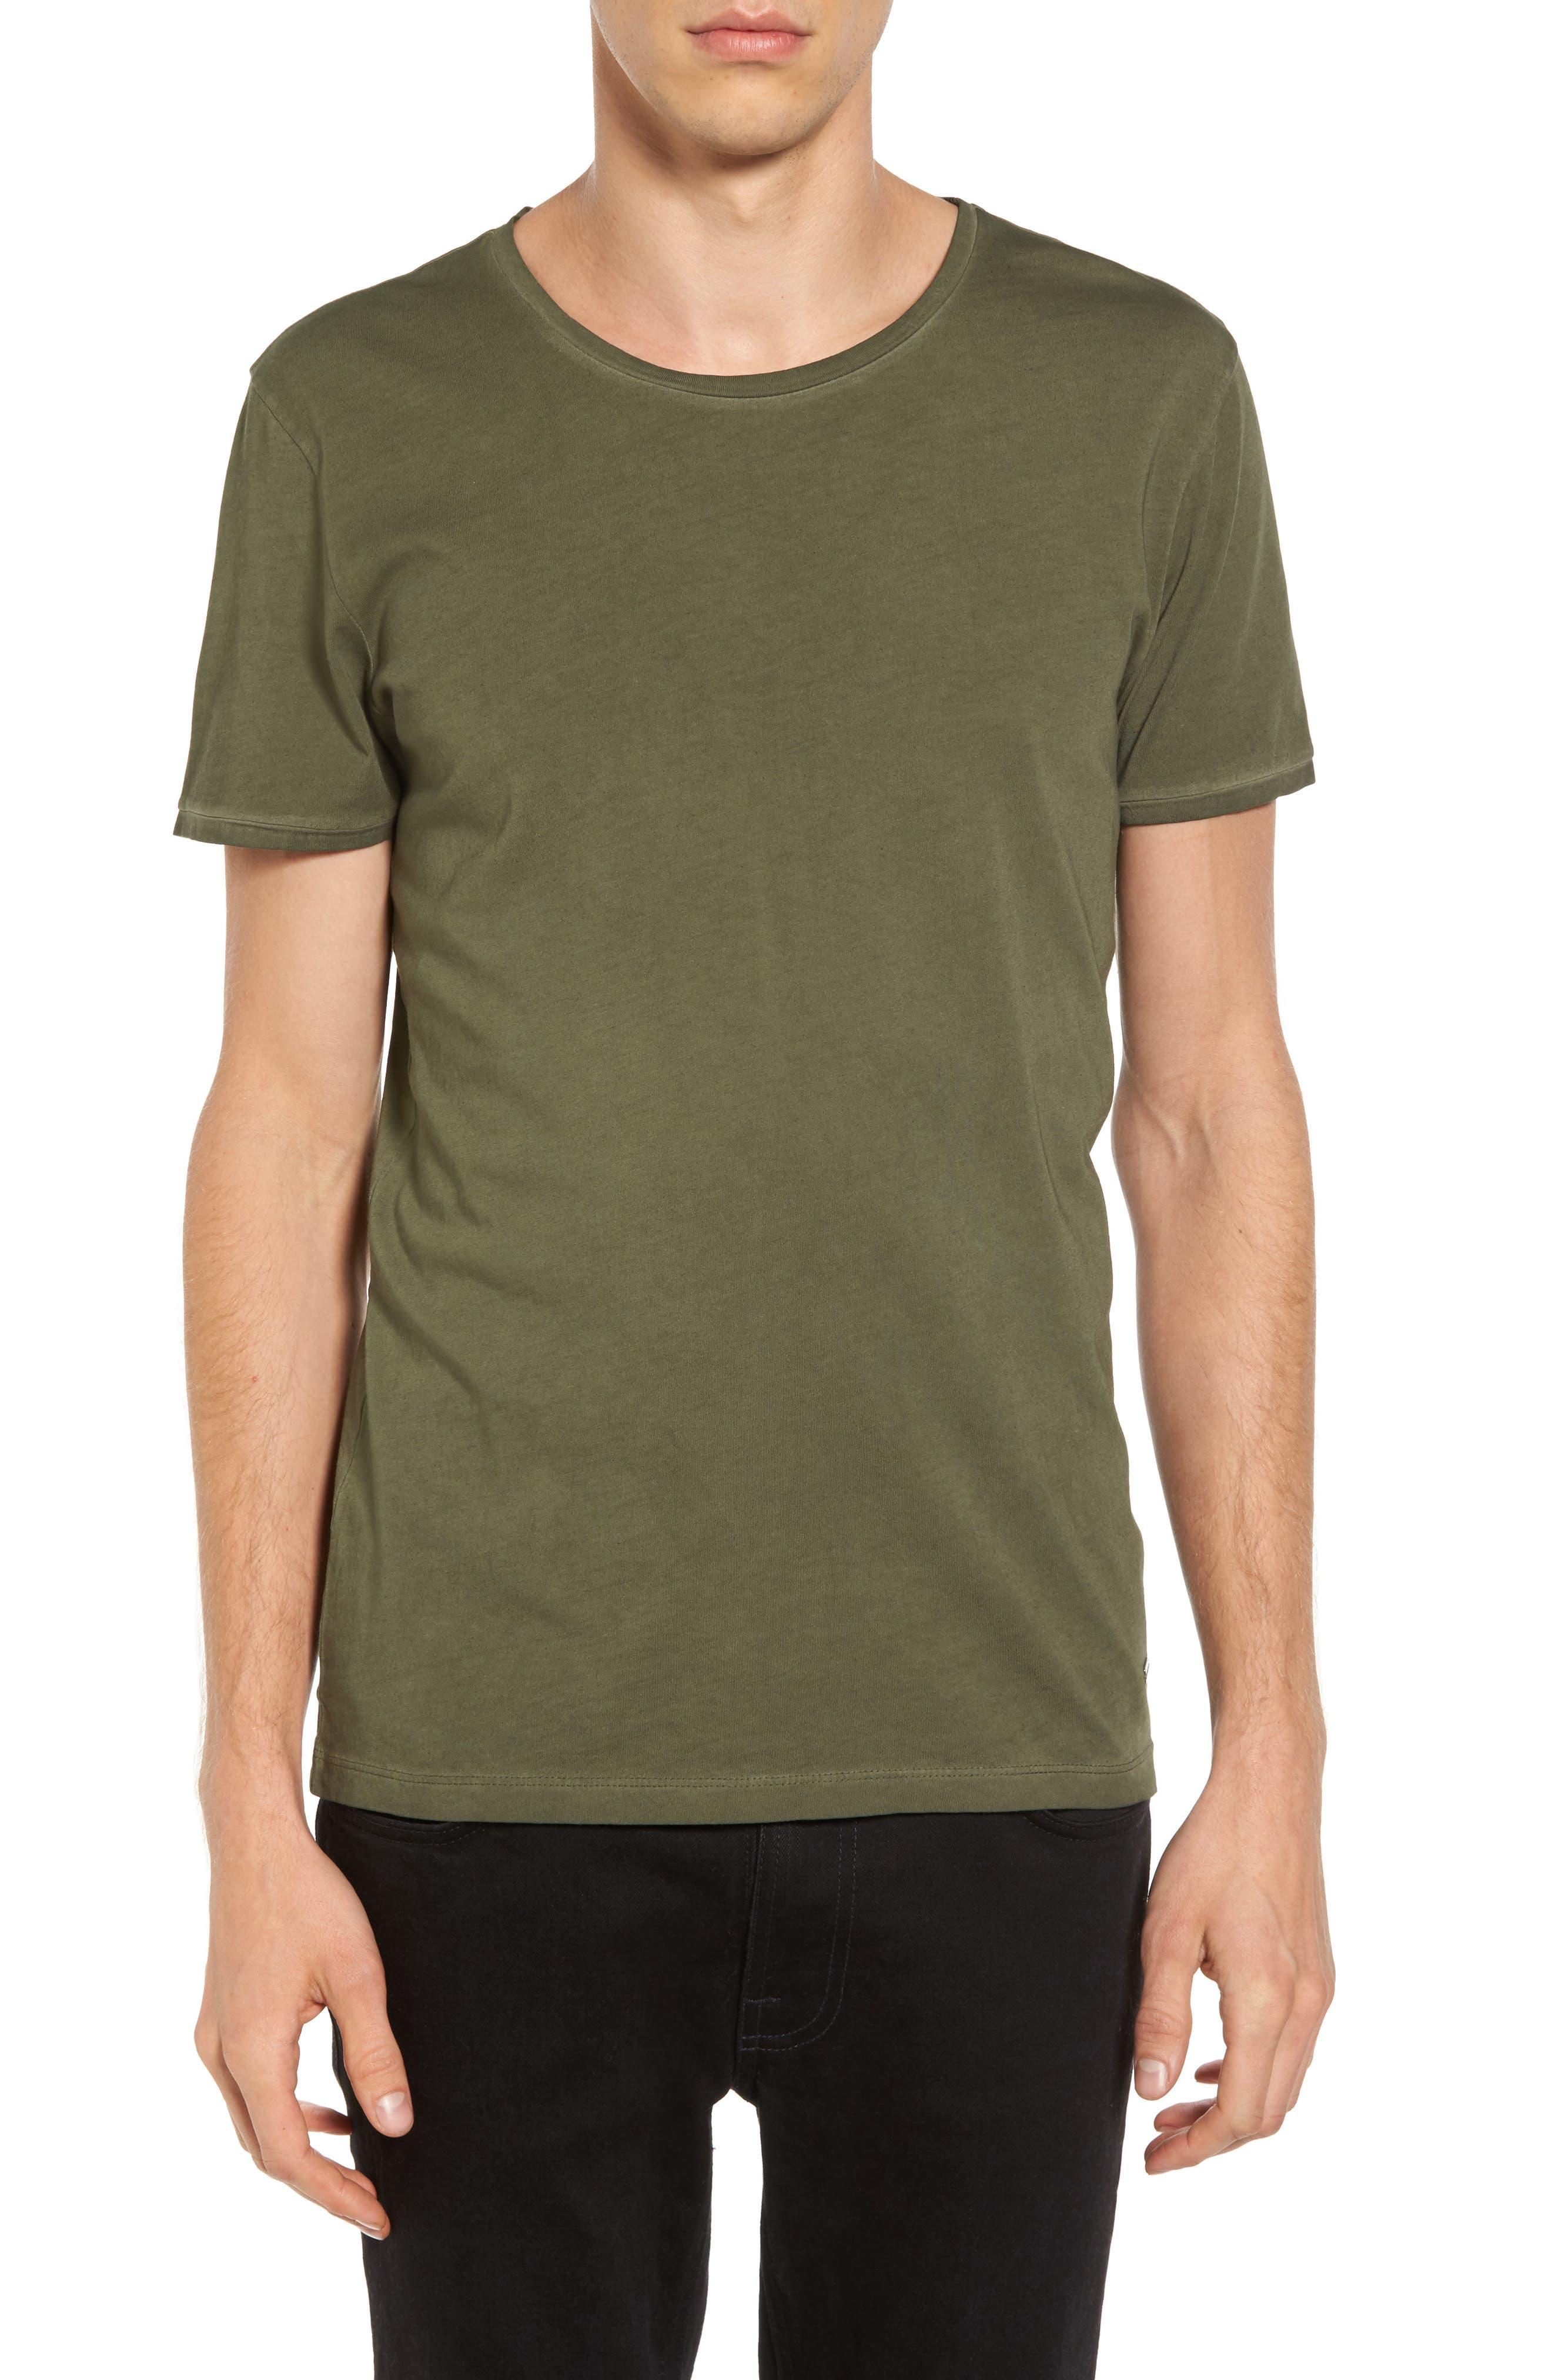 Touring T-Shirt,                             Main thumbnail 1, color,                             309